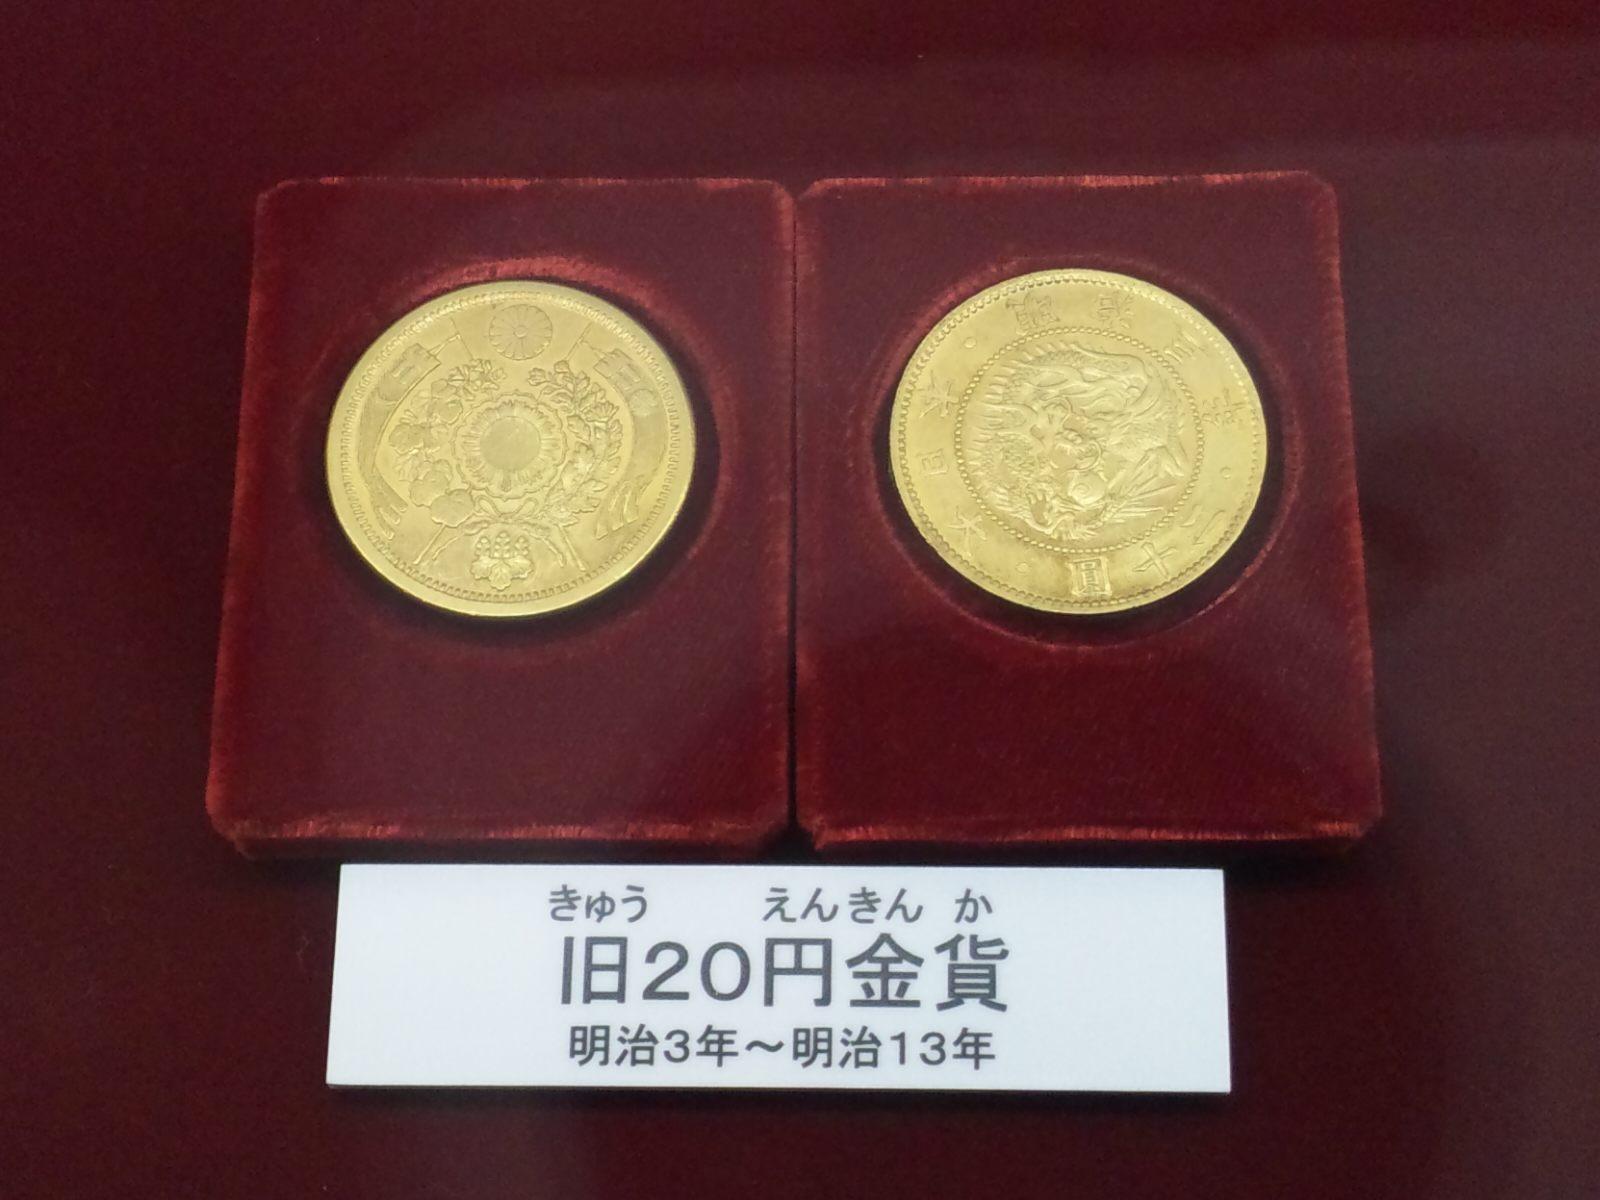 金塊と銀塊、ポスト団塊が触ると_c0027285_24988.jpg